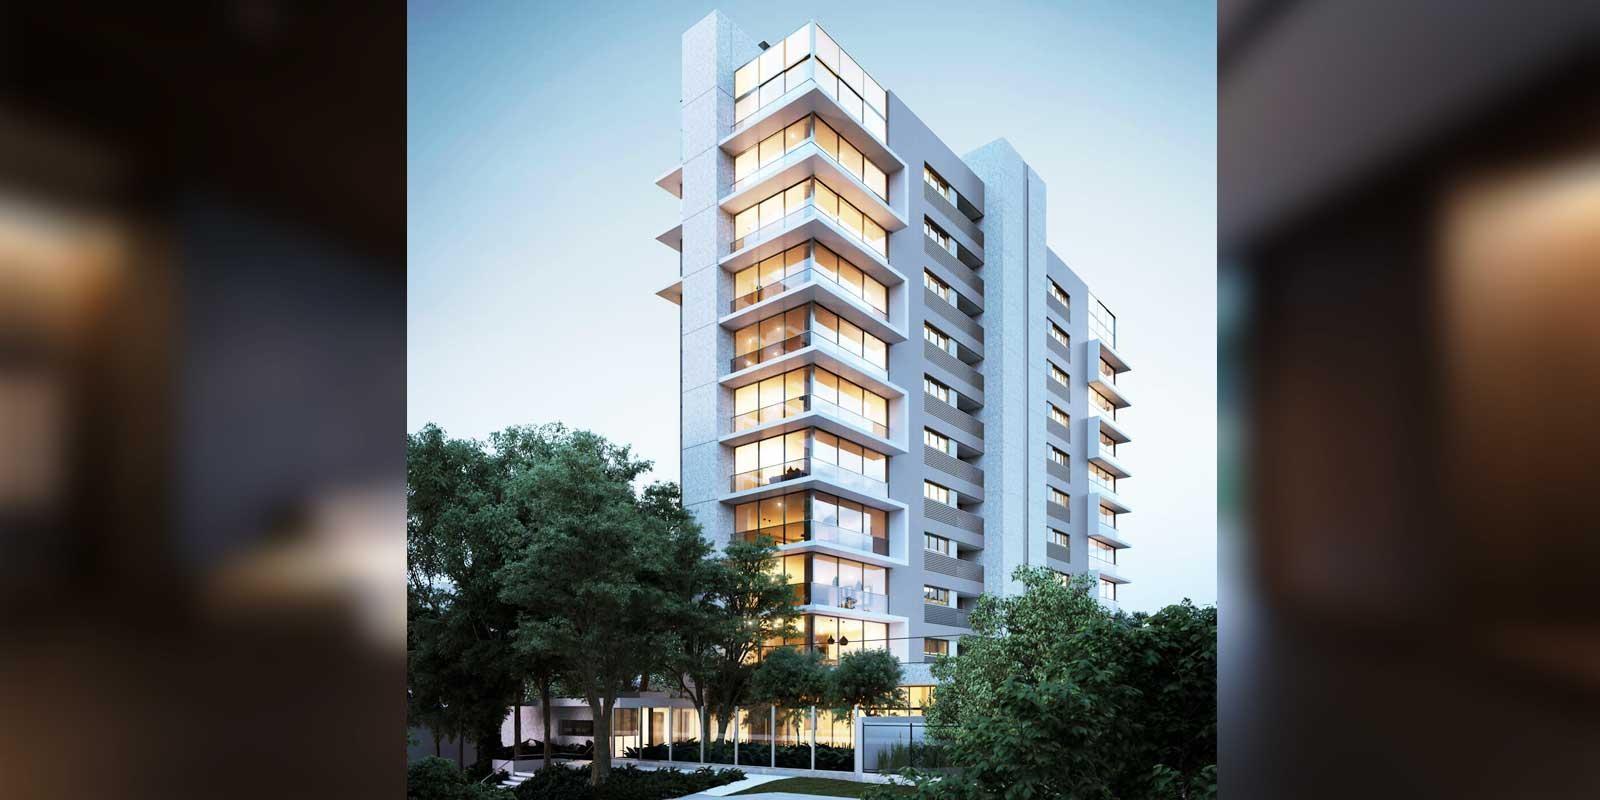 TPS Imóveis - Veja Foto 8 de 20 do Apartamento com 3 dormitórios no Bairro Bela Vista, Porto Alegre